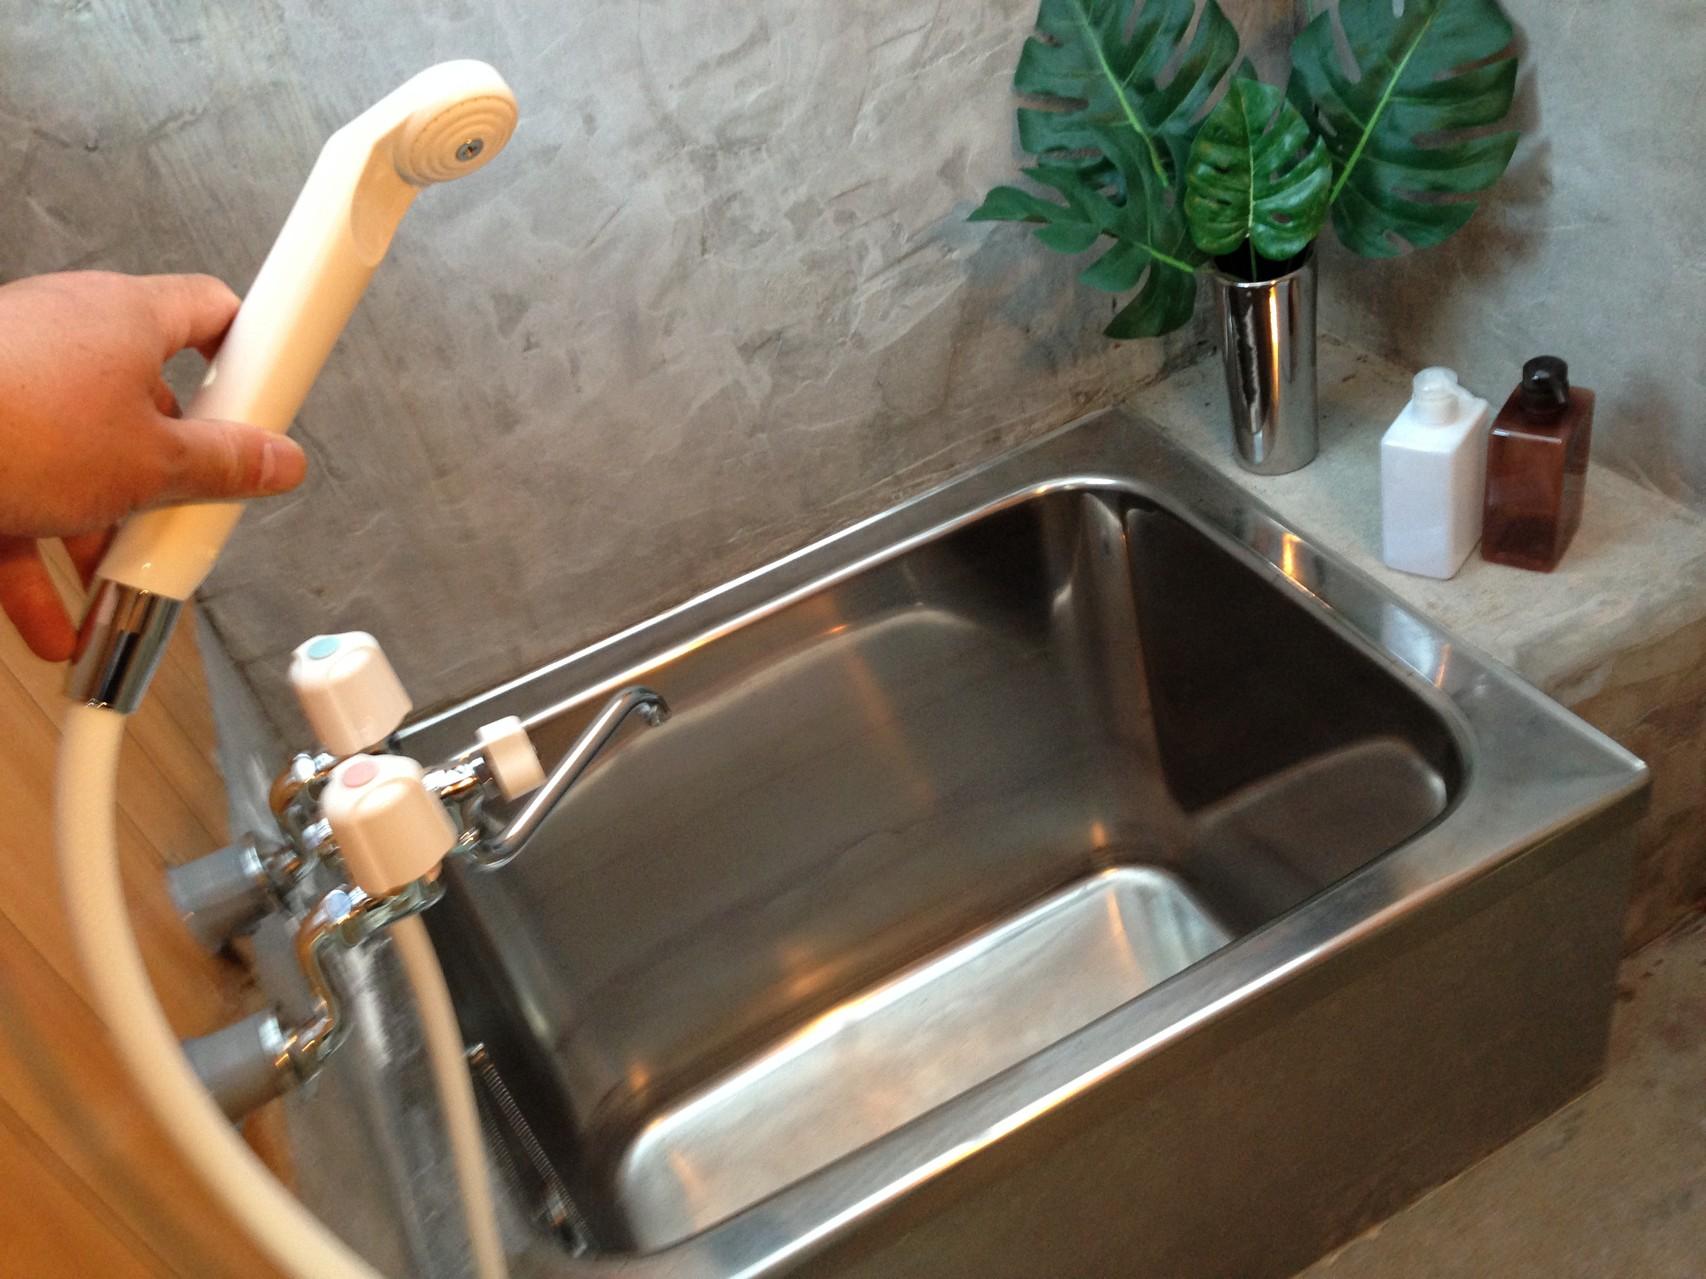 天然の軟水風呂でリラックス(何時でもお湯が楽しめるシャワー水栓付き)